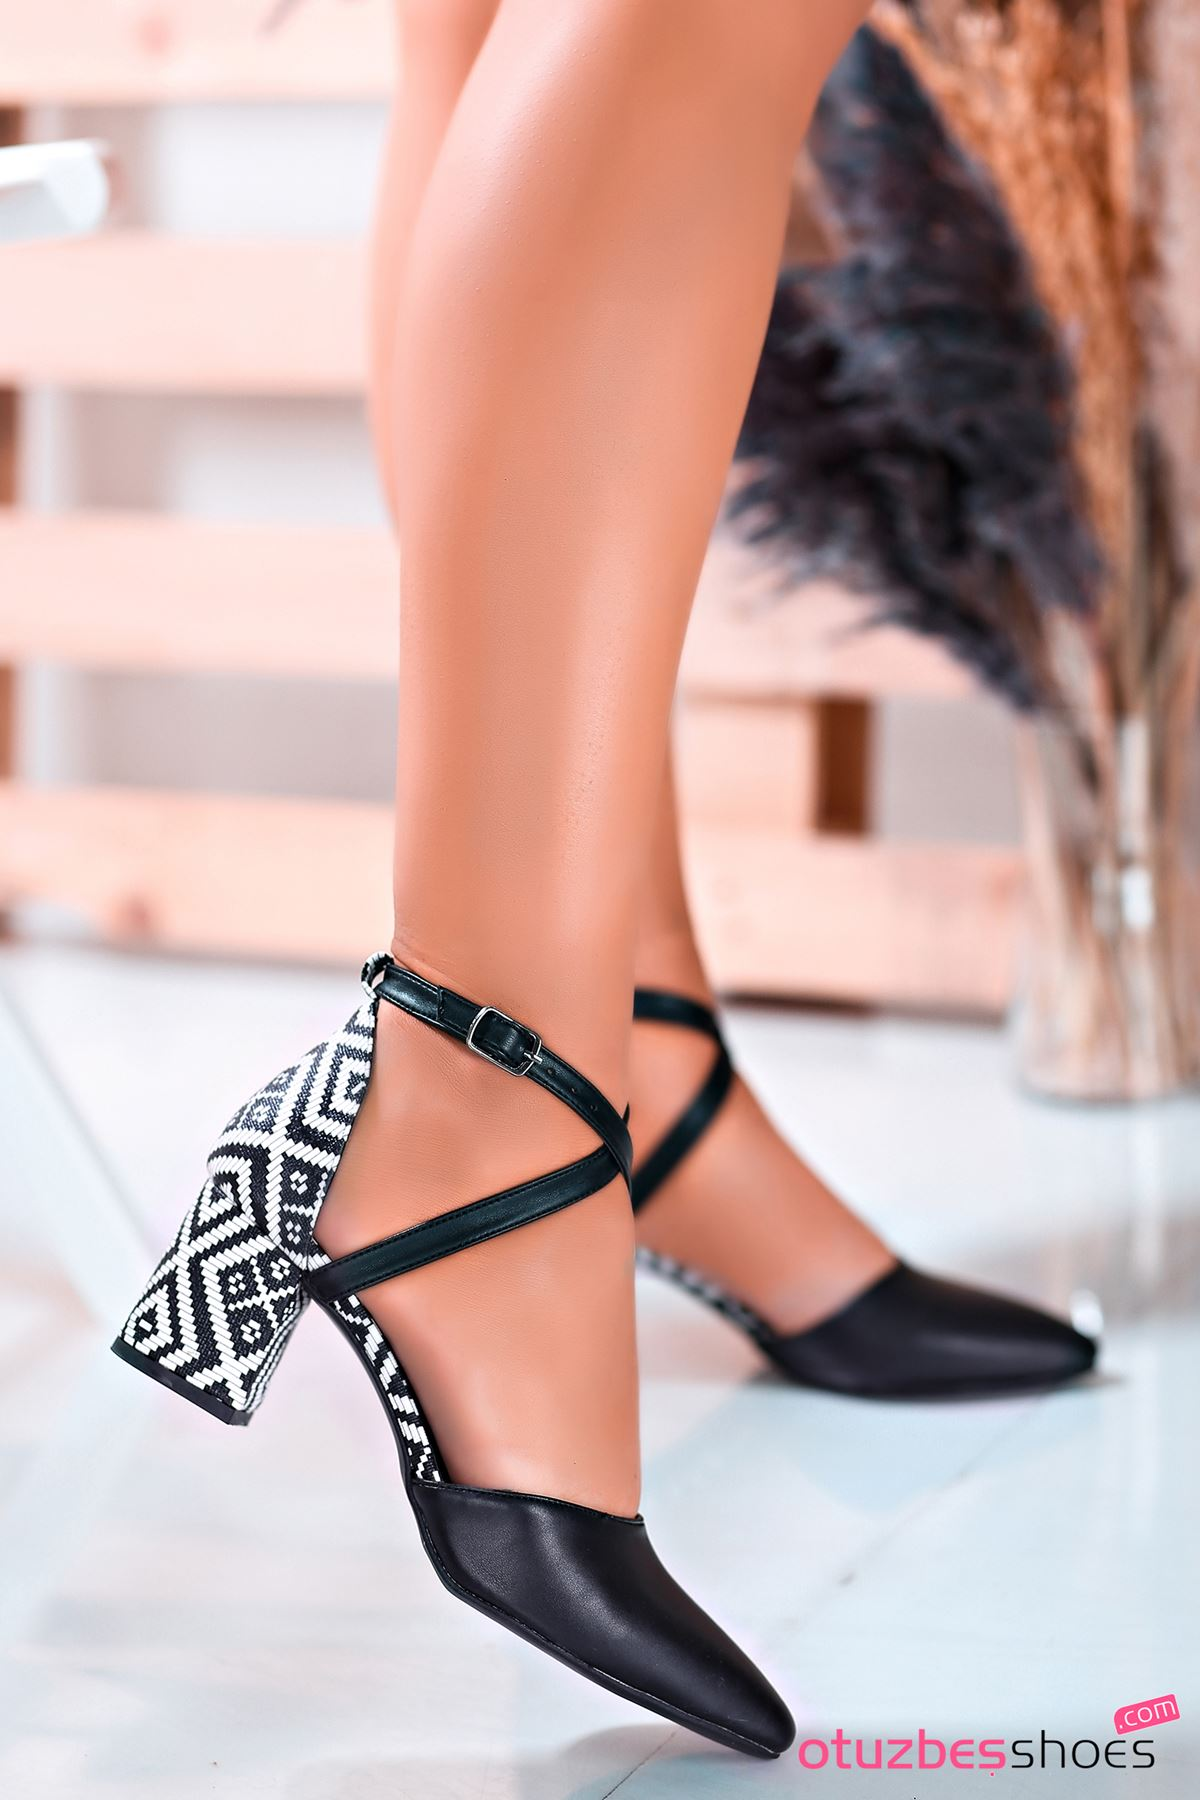 Siyah Kilim Desenli Çapraz Bant Topuklu Kadın Ayakkabı